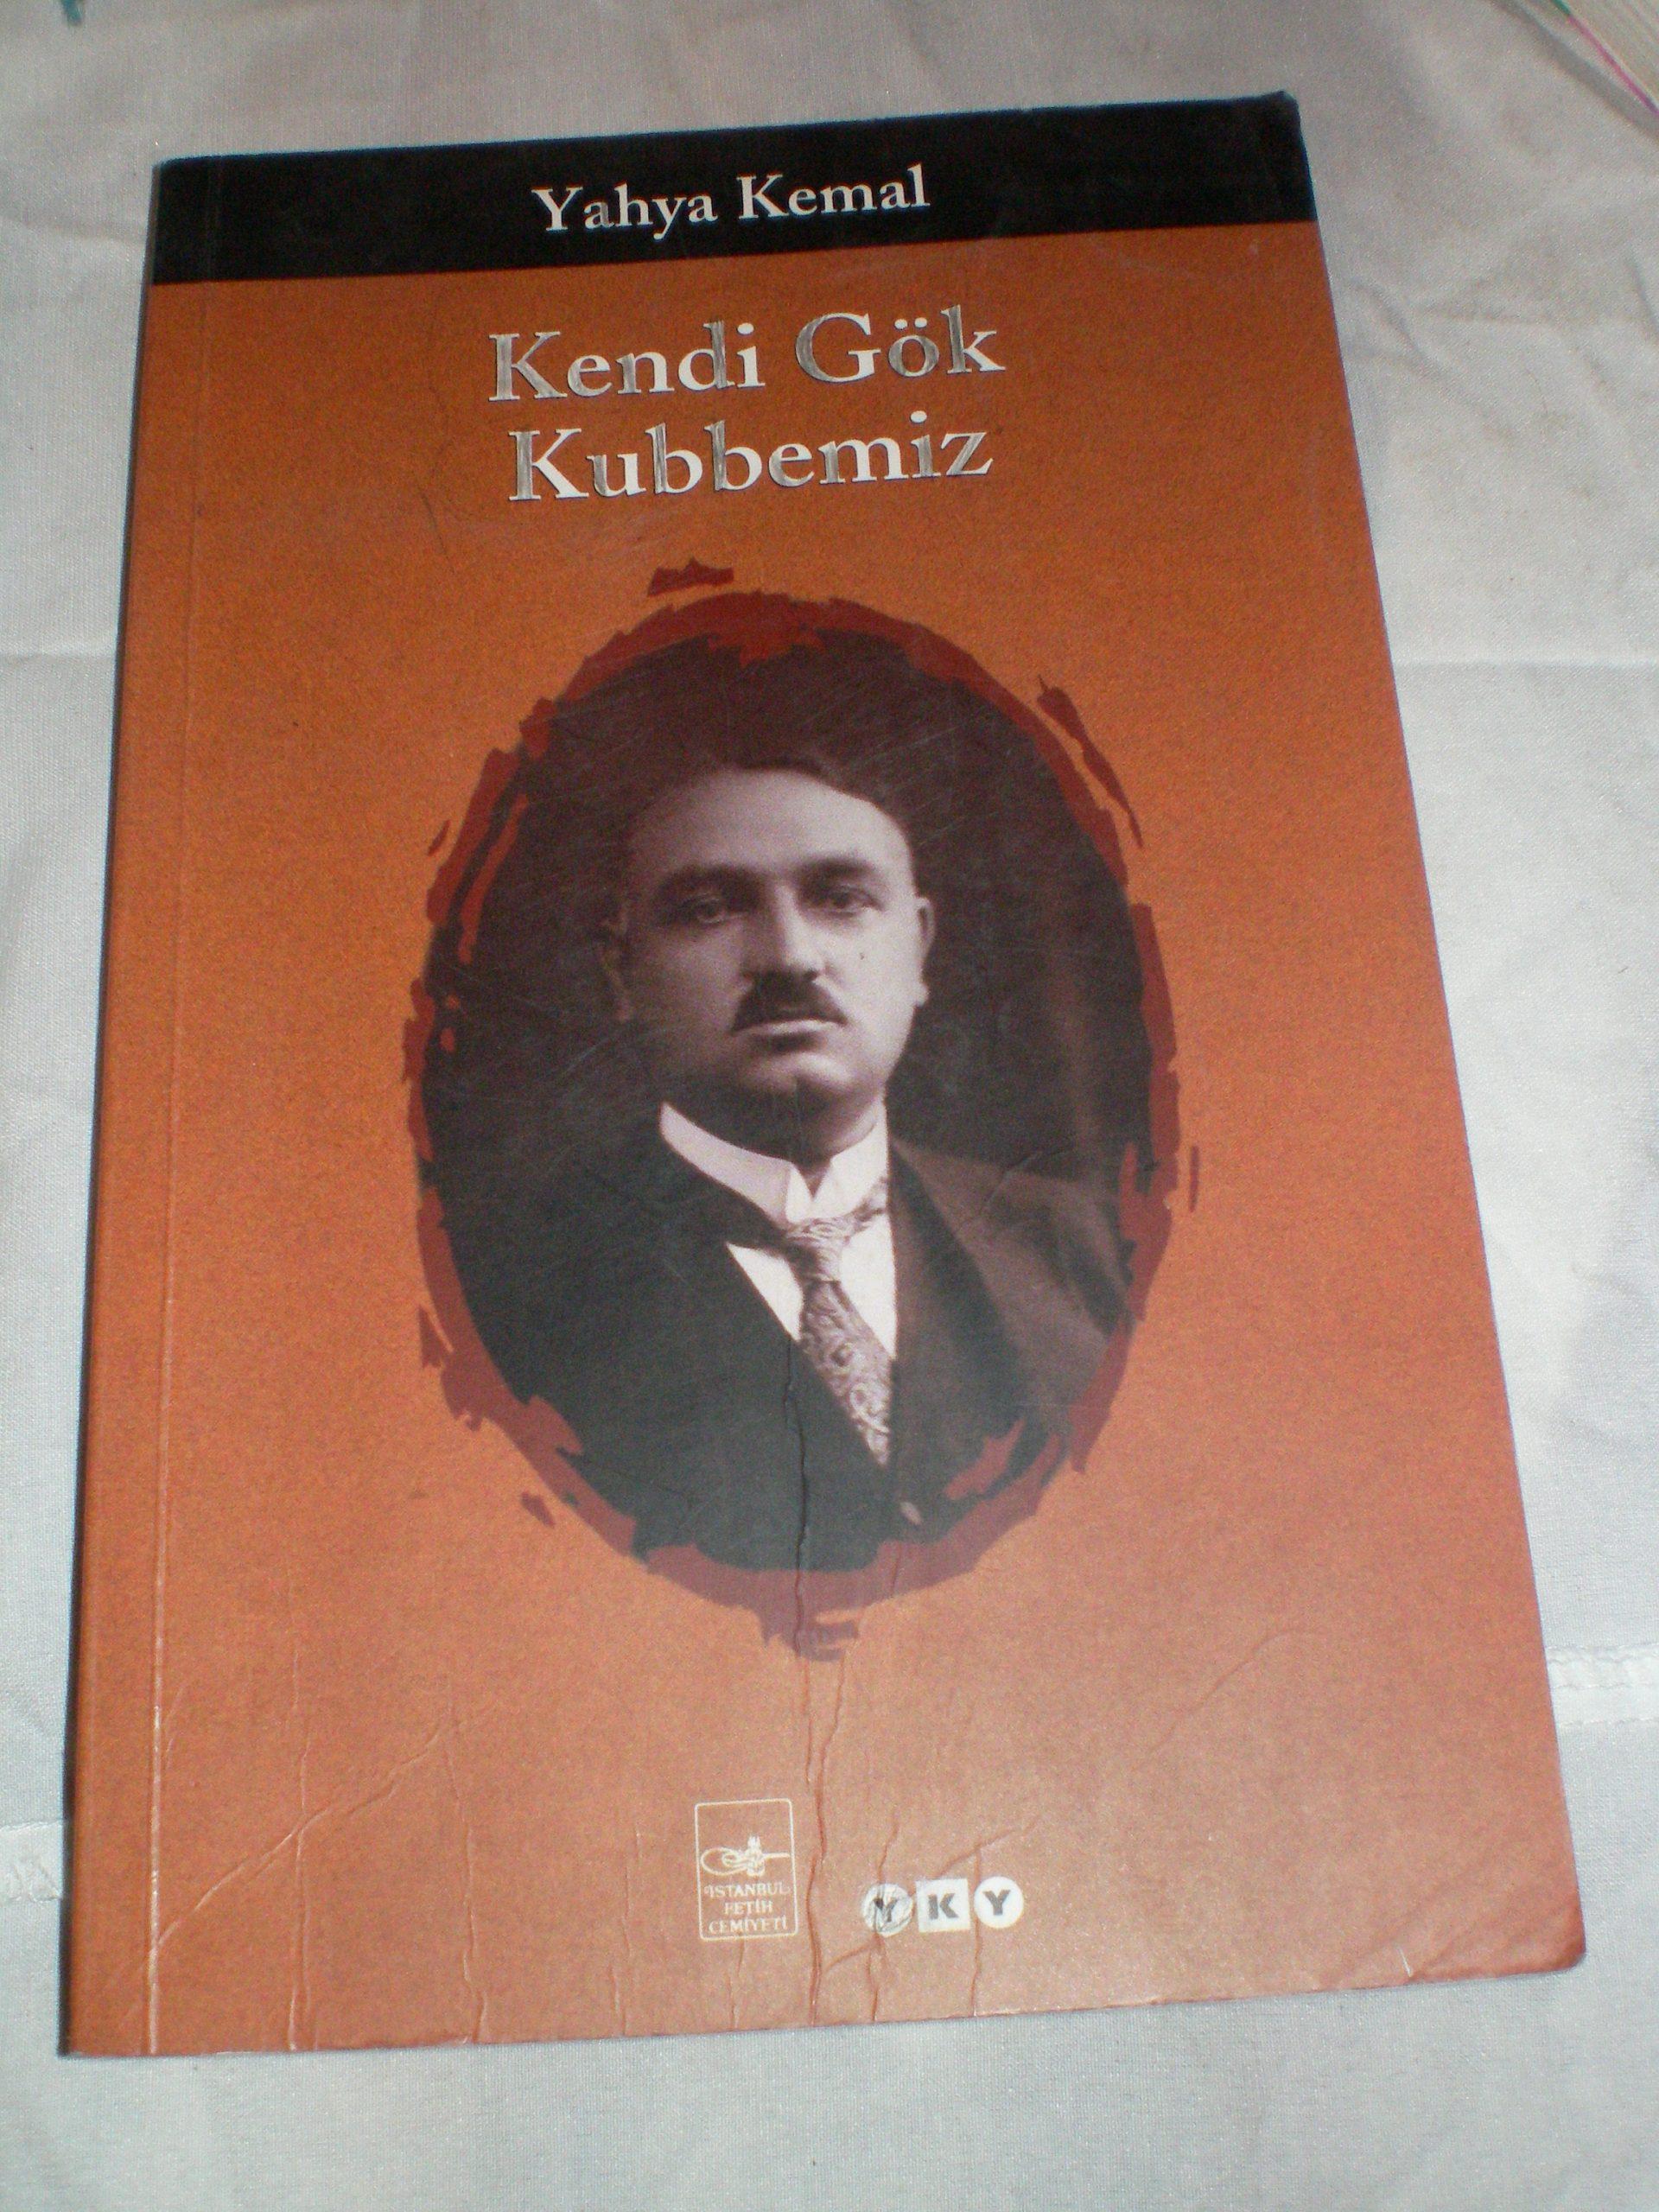 KENDİ GÖK KUBBEMİZ/Yahya Kemal BEYATLI/15 tl